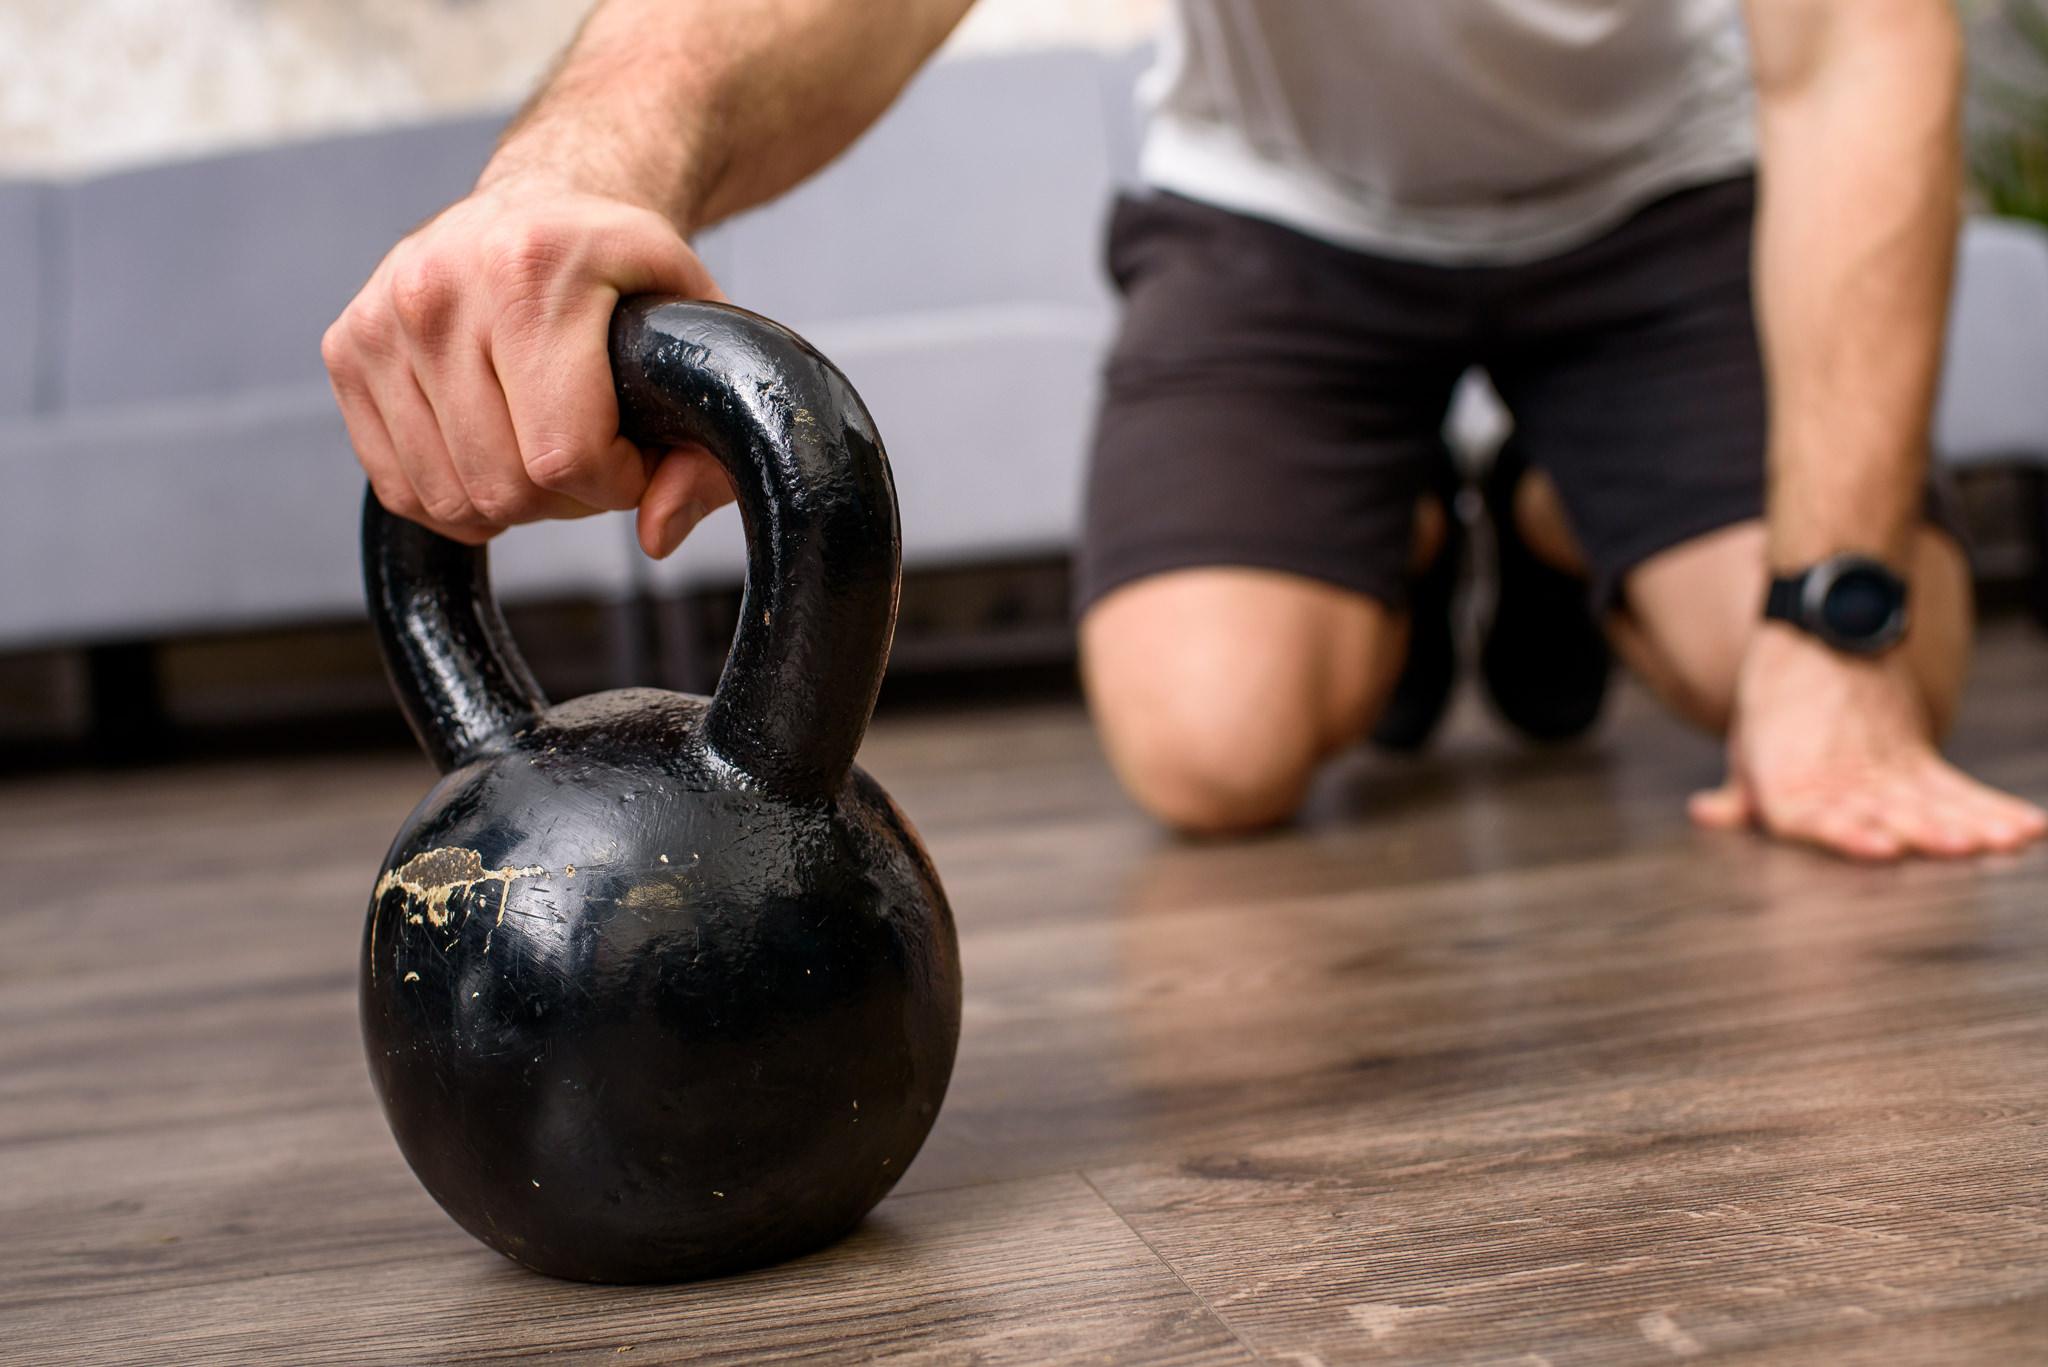 Edzés és edzettség